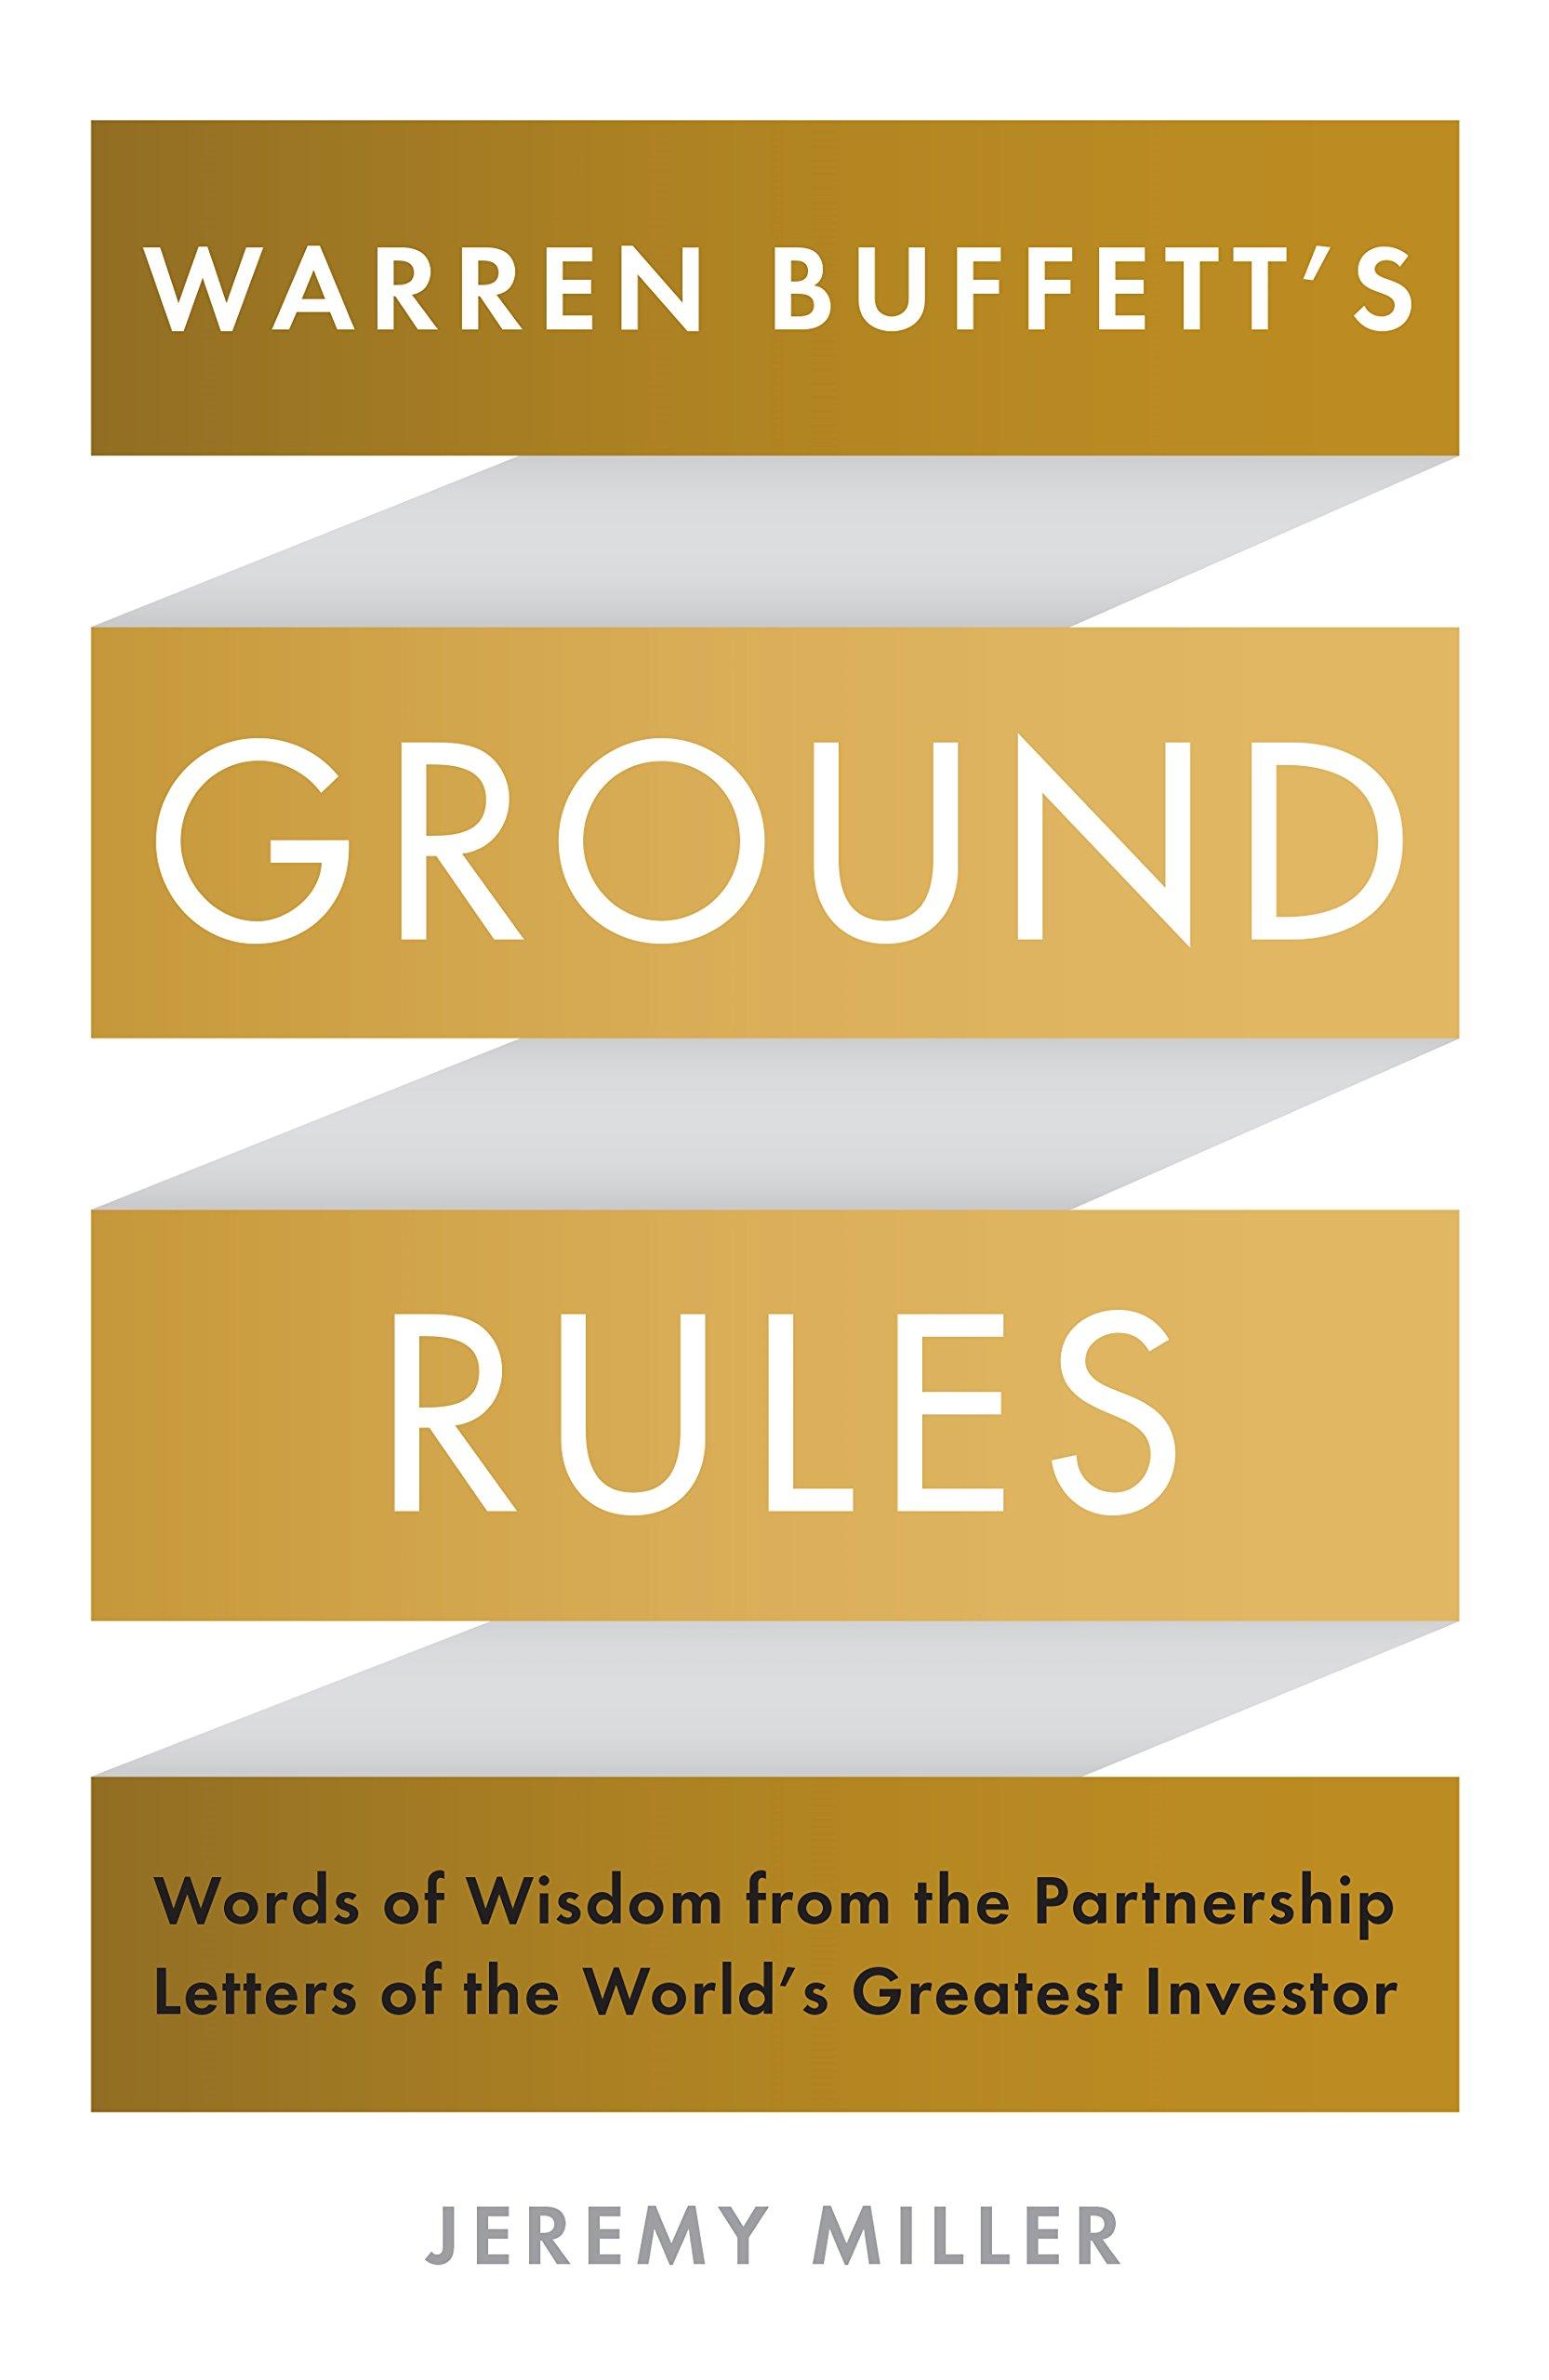 Warren Buffett's Ground Rules by Jeremy Miller